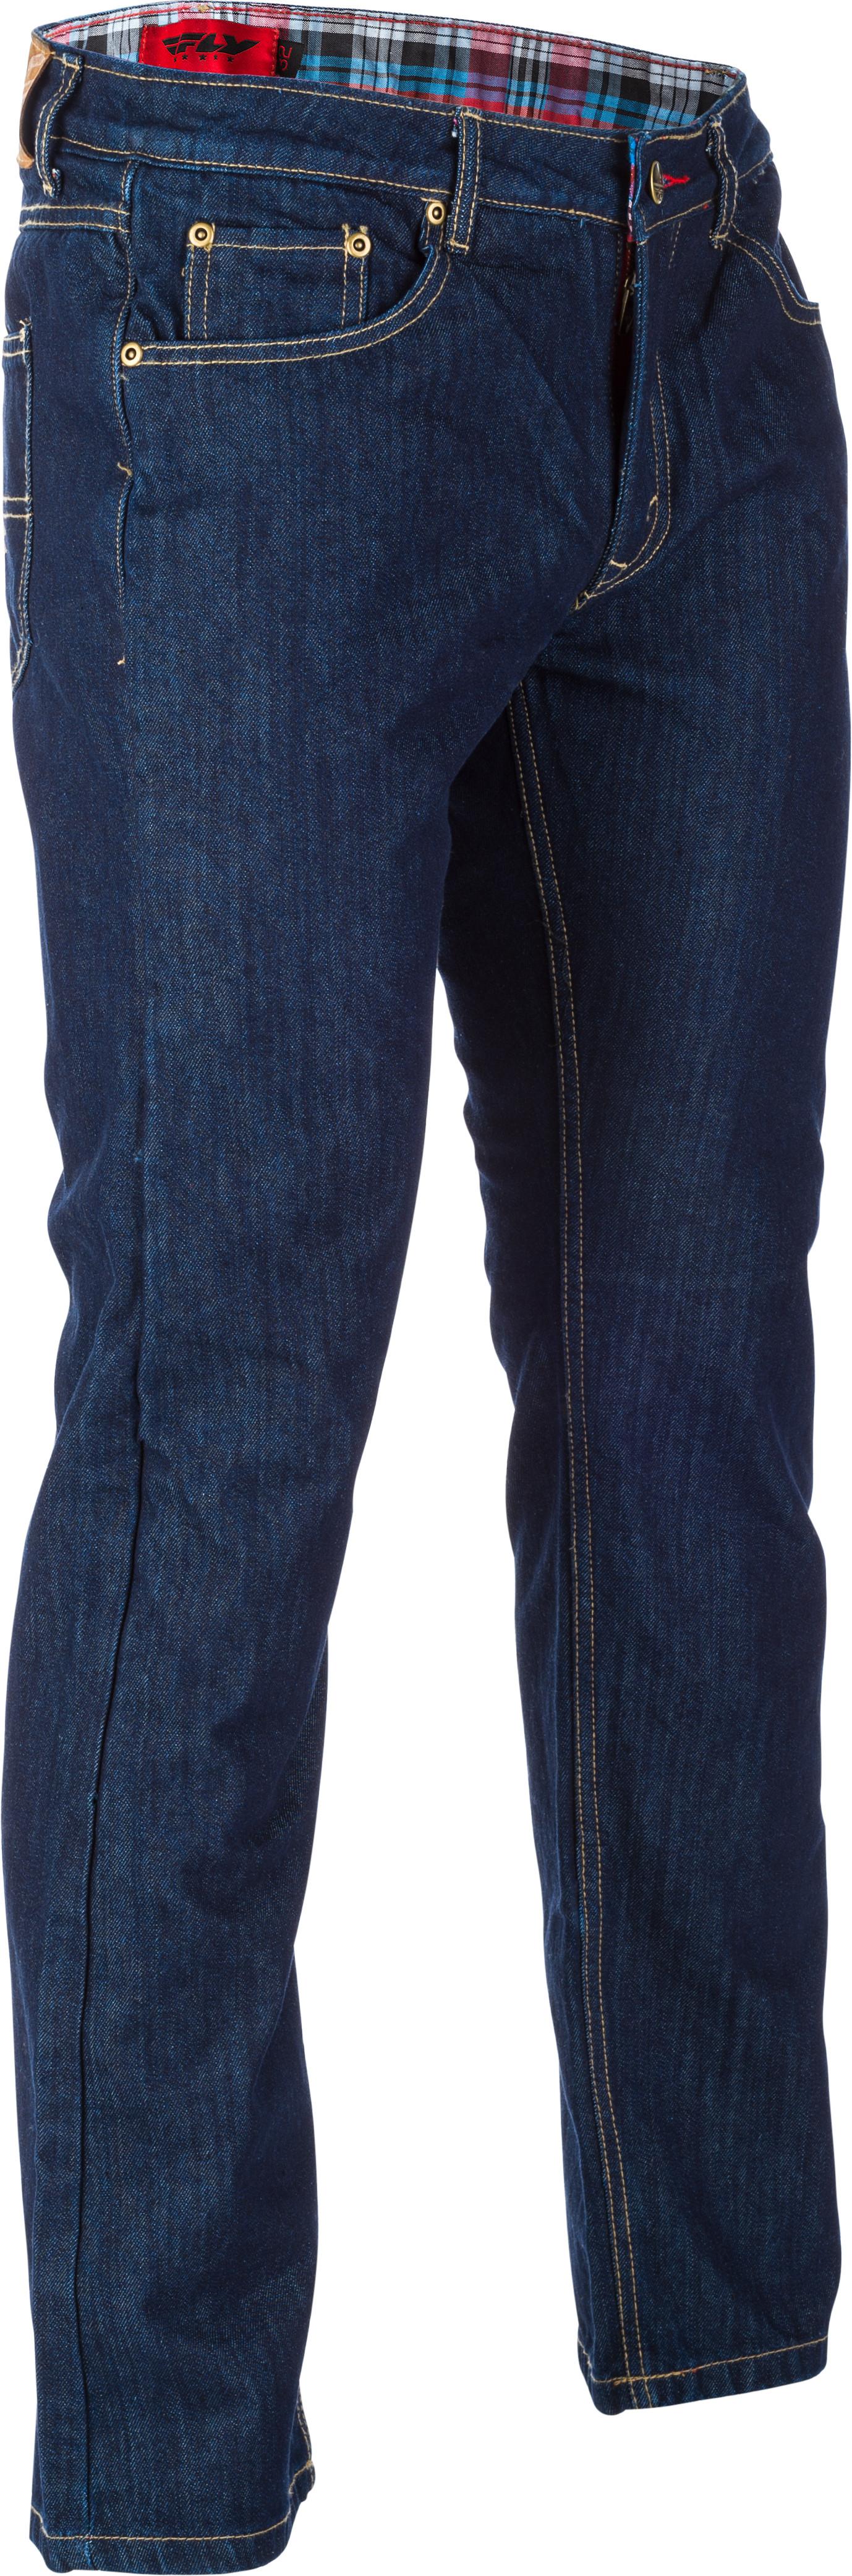 Resistance Jeans